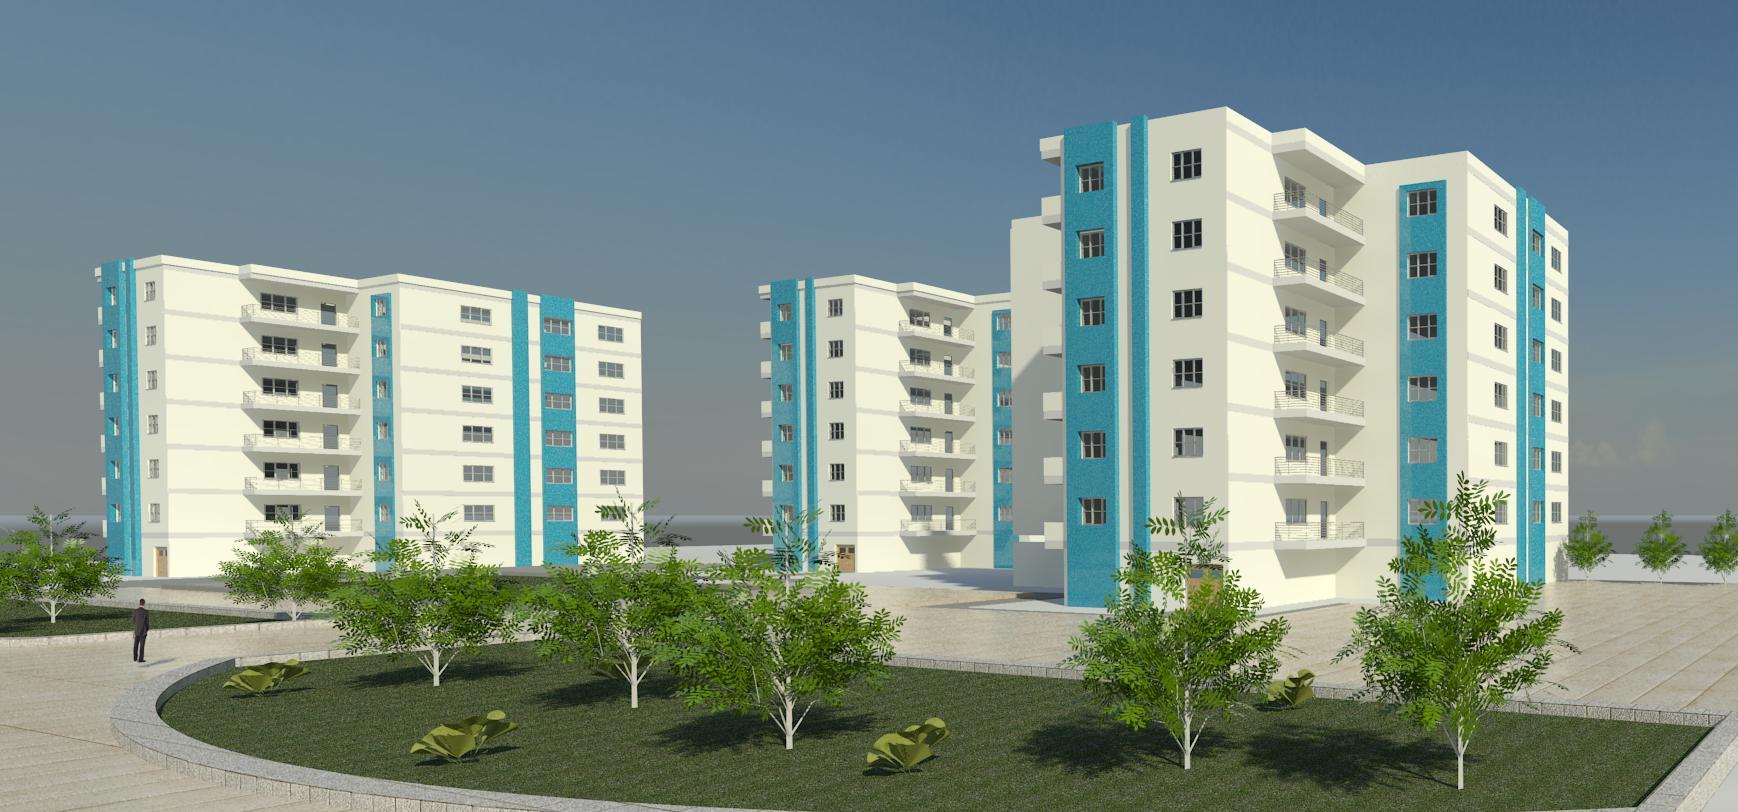 طرح مجتمع مسکونی ( اتوکد - رندر - شیت بندی - psd )